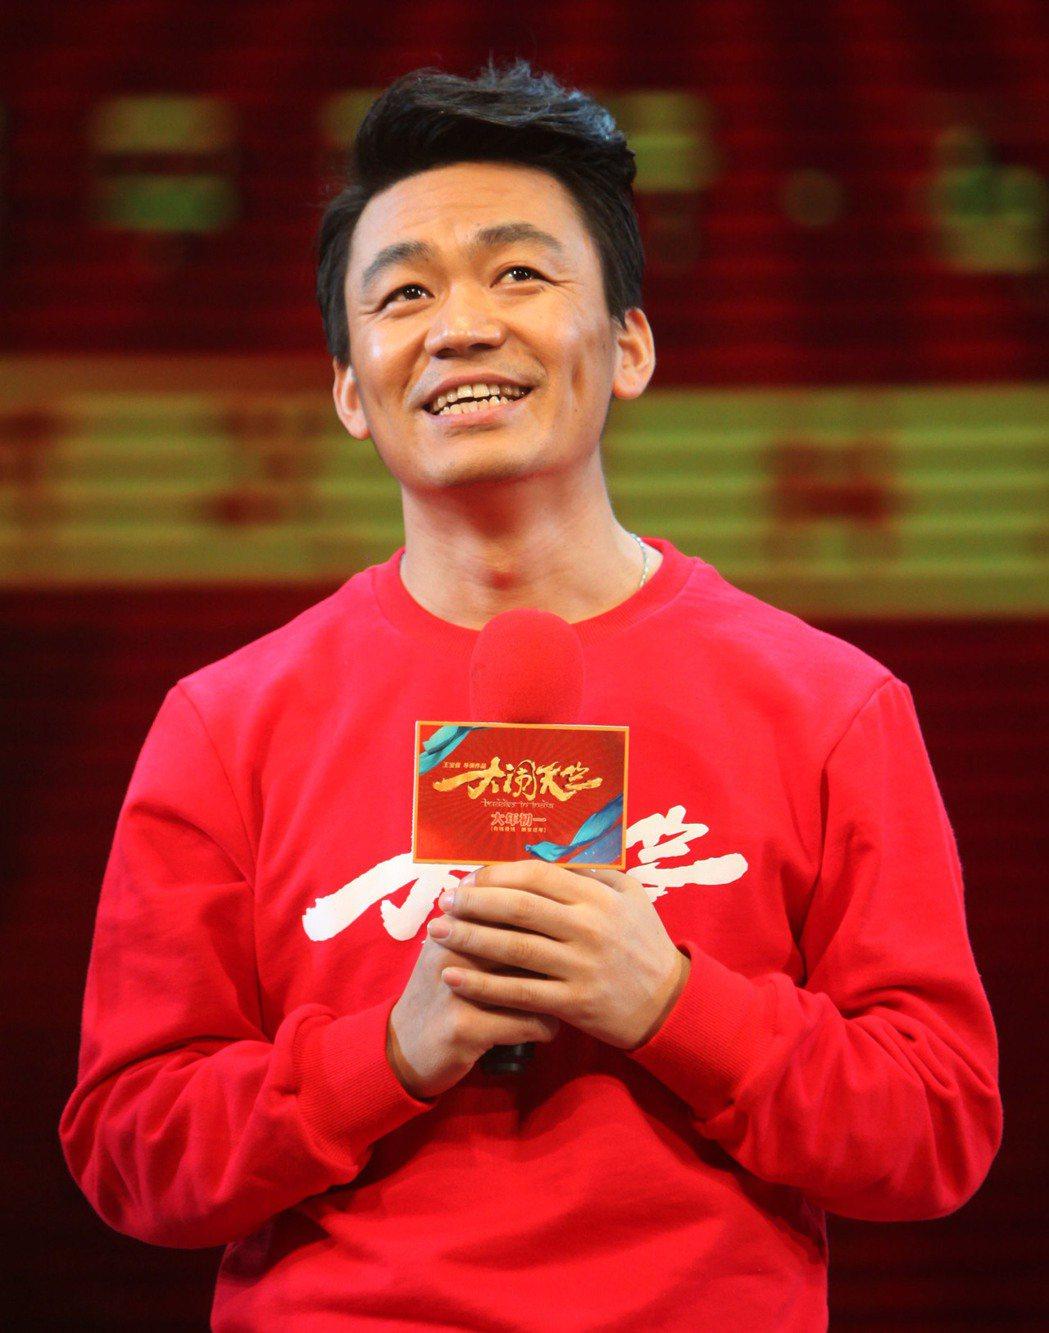 王寶強自導自演的電影《大鬧天竺》,成為中國大陸春節檔電影票房熱賣的主力之一。(中...